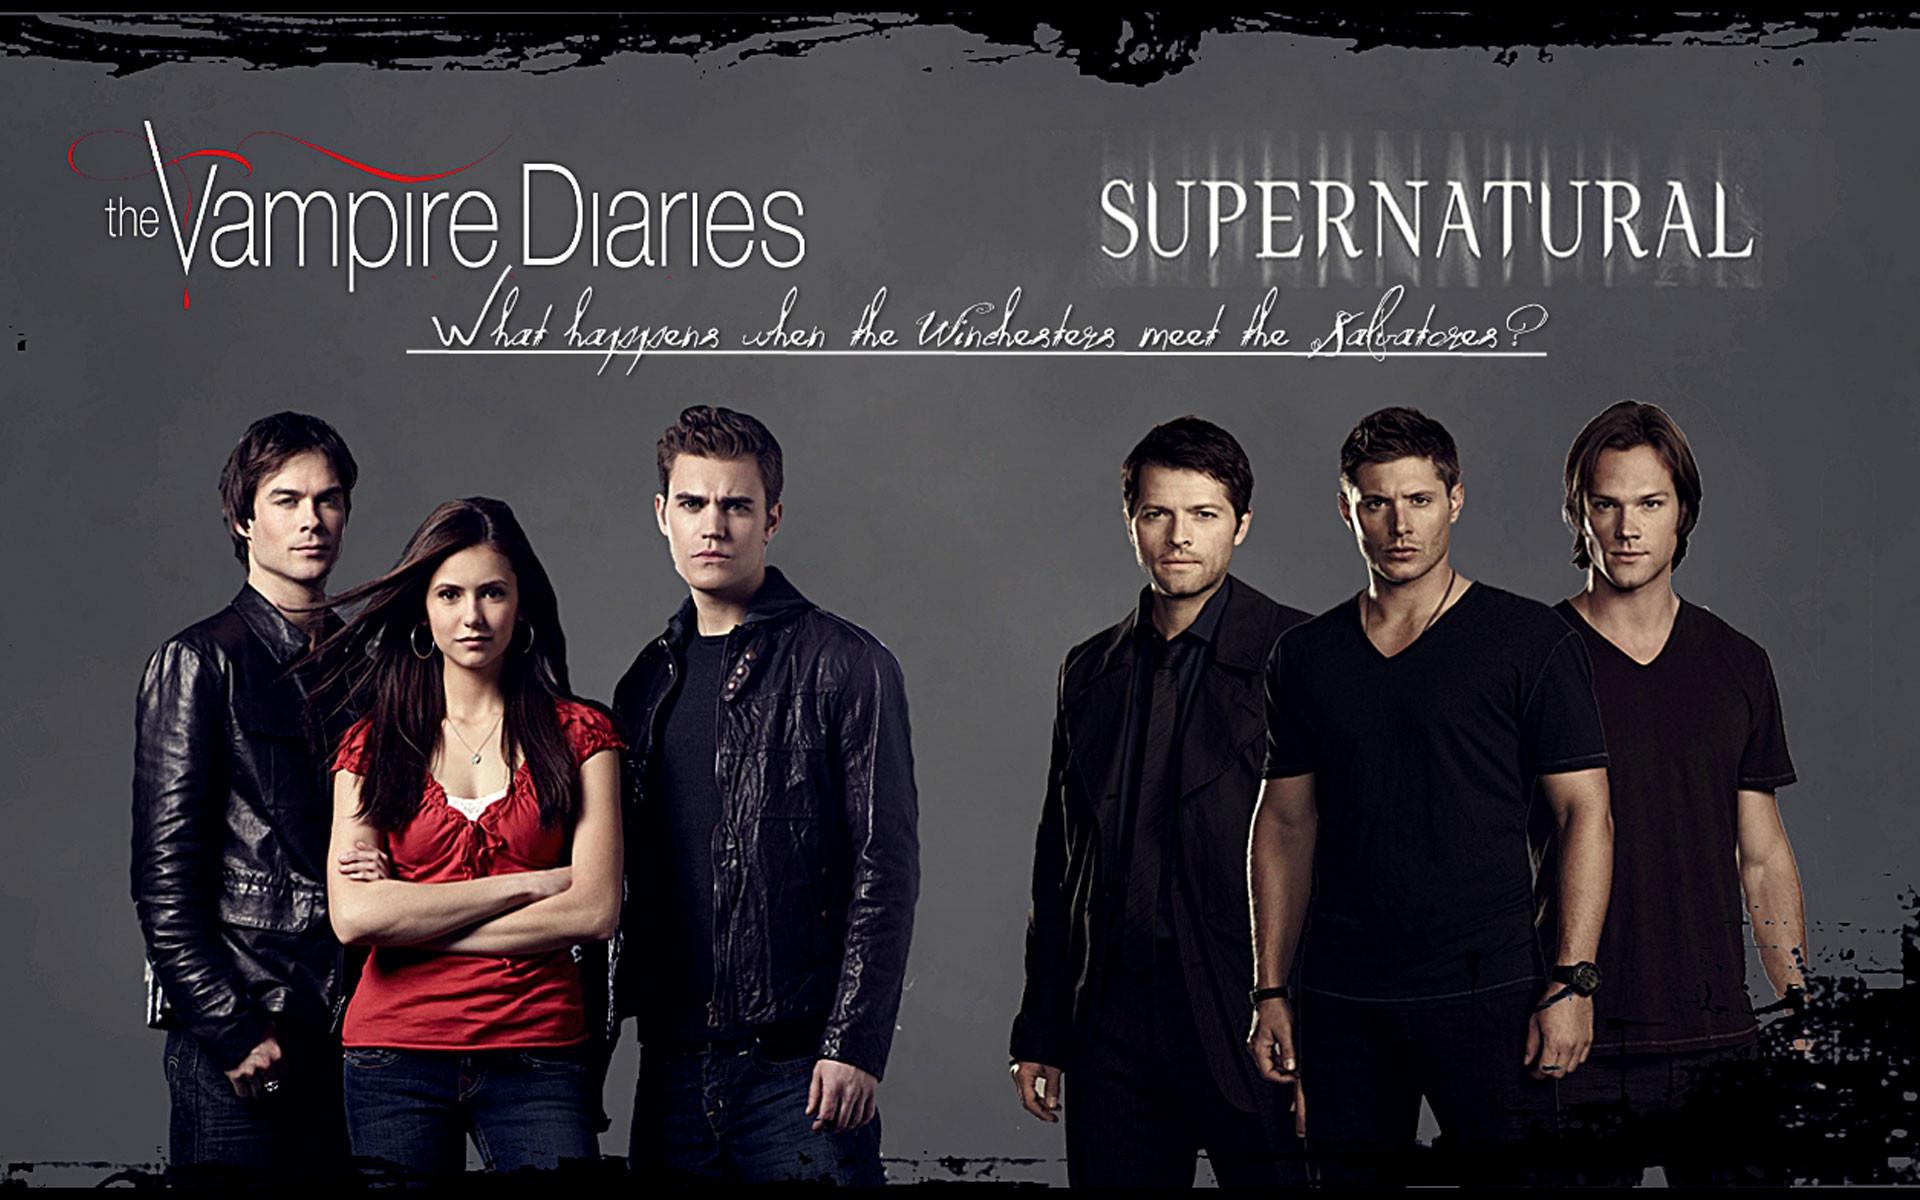 Vampire Diaries Wallpaper   Supernatural Vampire Diaries Wallpaper – At  this wallpaper you can see .